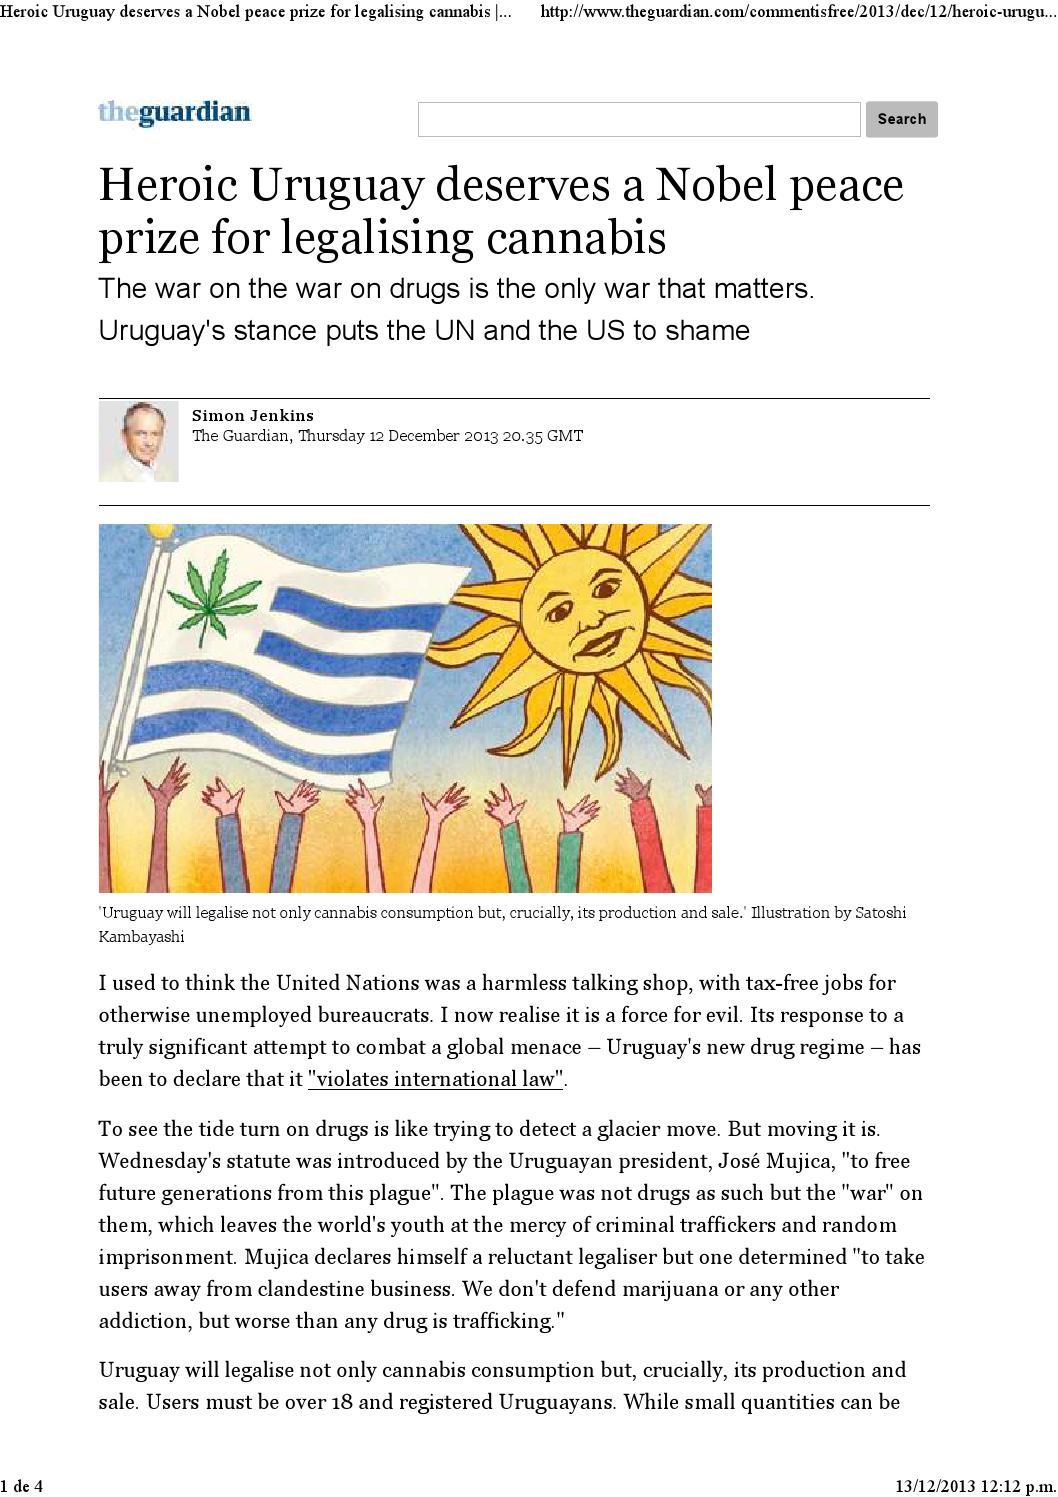 2b569fd84 Medios internacionales sobre la regulación del mercado de marihuana by  Presidencia de la República Oriental del Uruguay - issuu